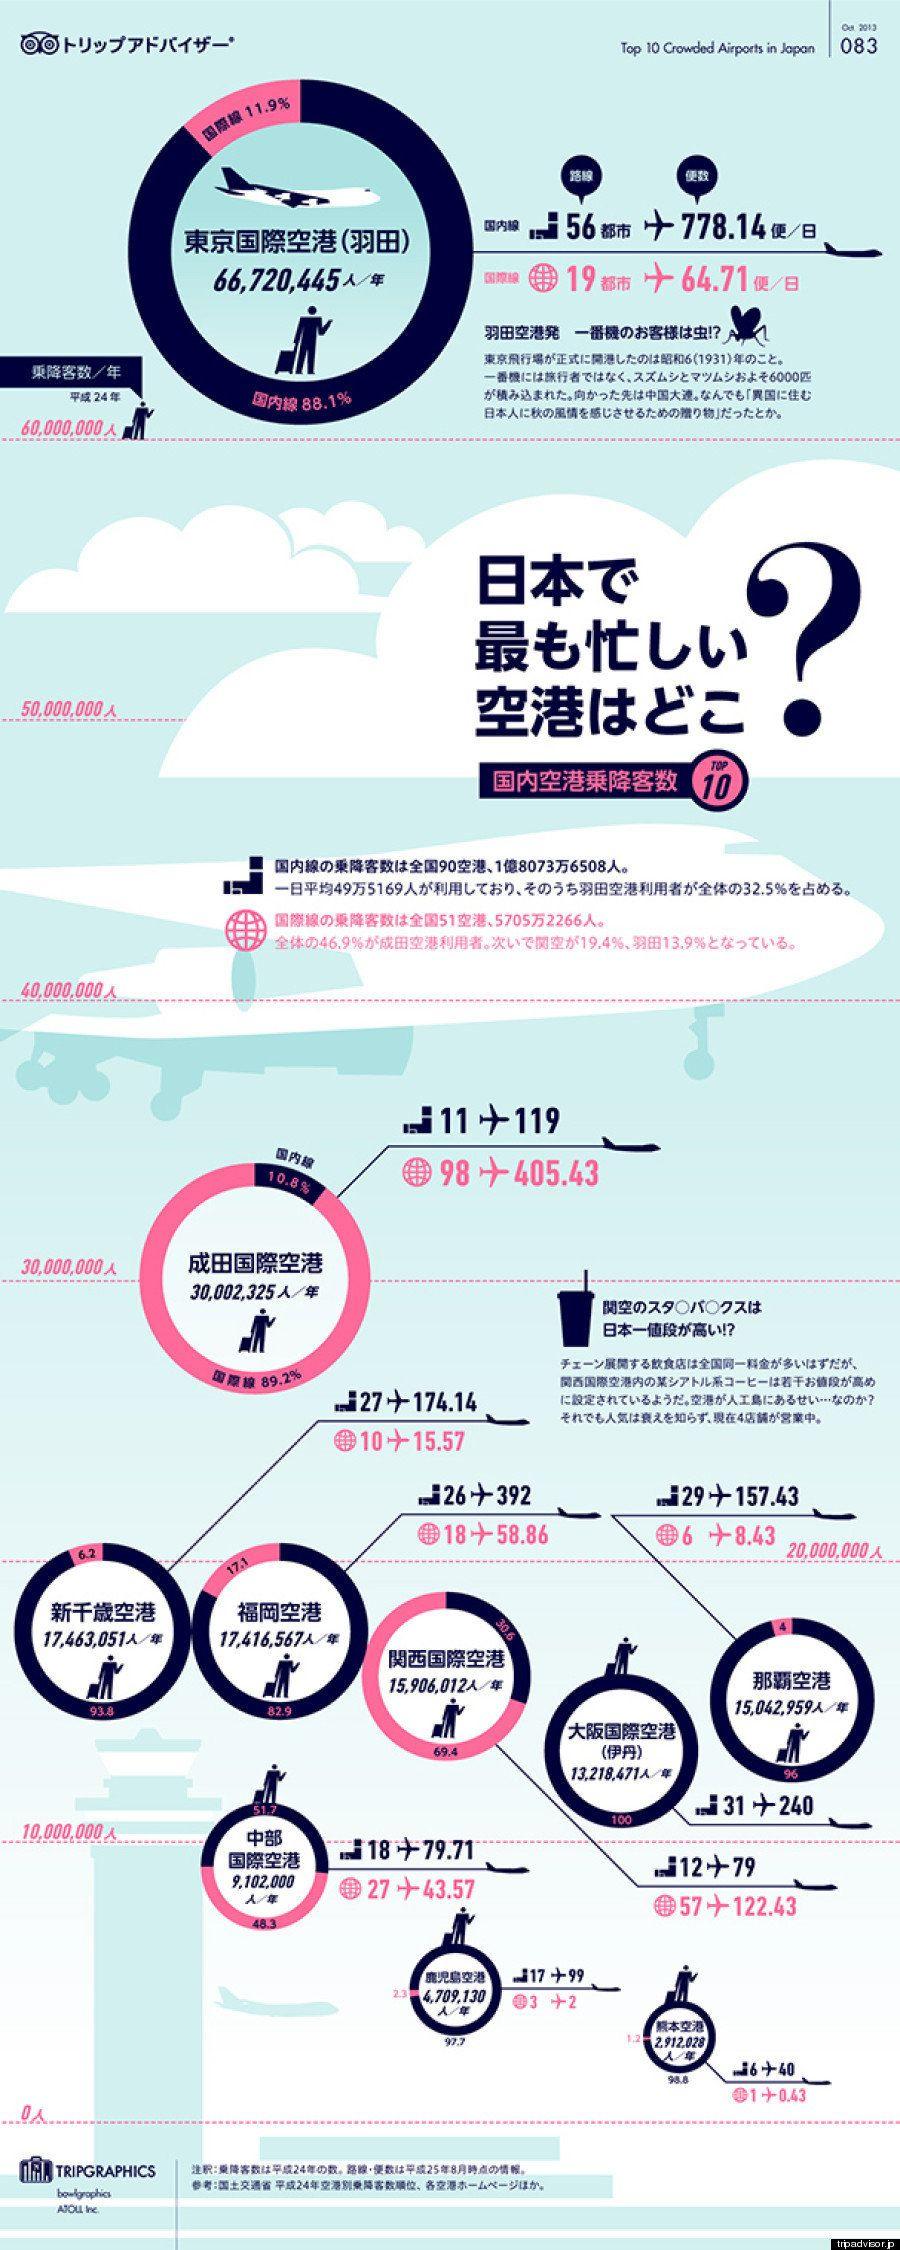 日本で最も忙しい空港はどこ?